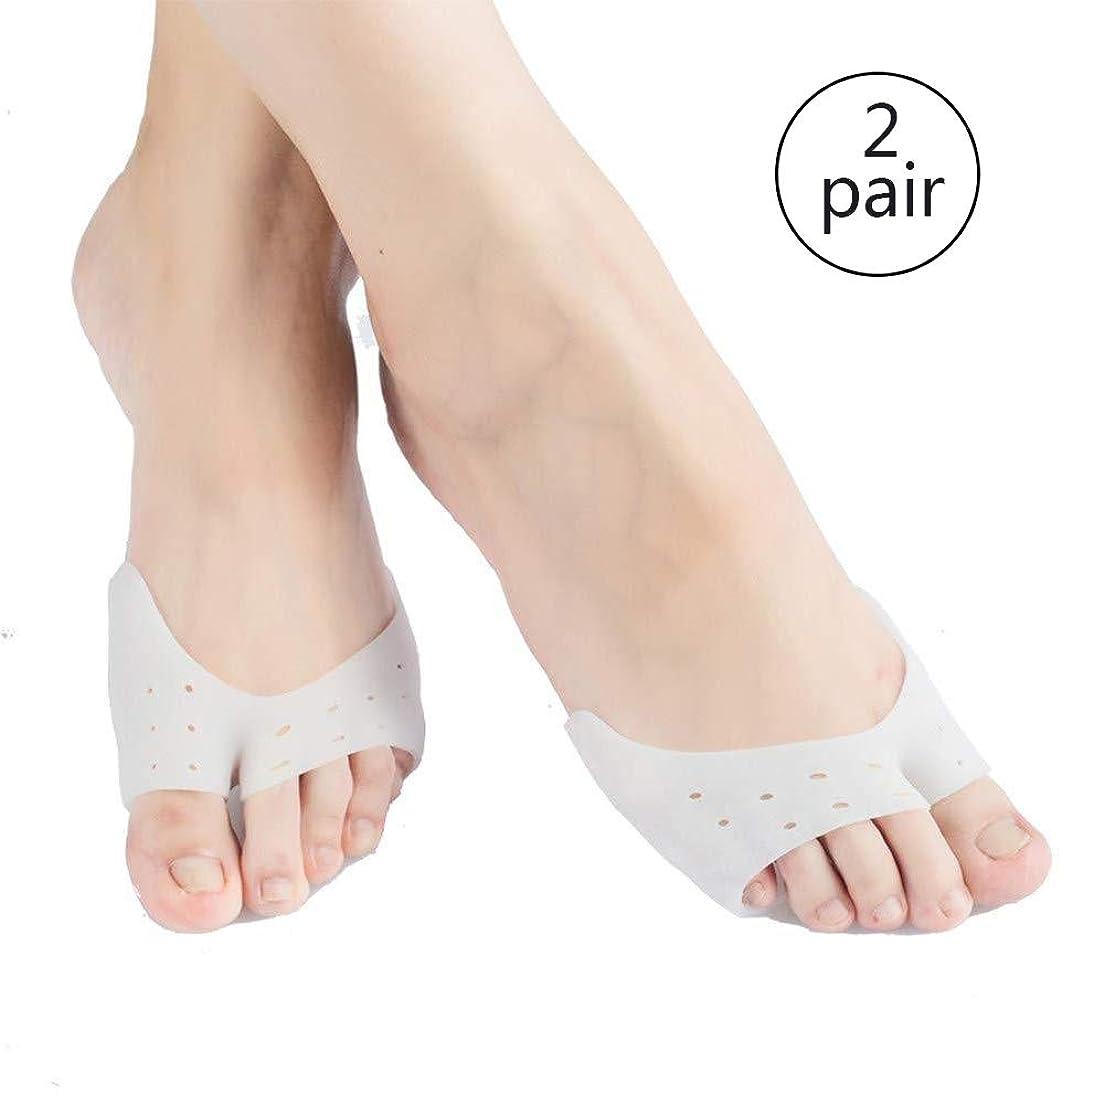 誓い株式リム足のセパレーター、足の親指のアライナー、足の親指の矯正、ナイトバニオンの寛解、男性と女性の外反母hallの痛みの緩和